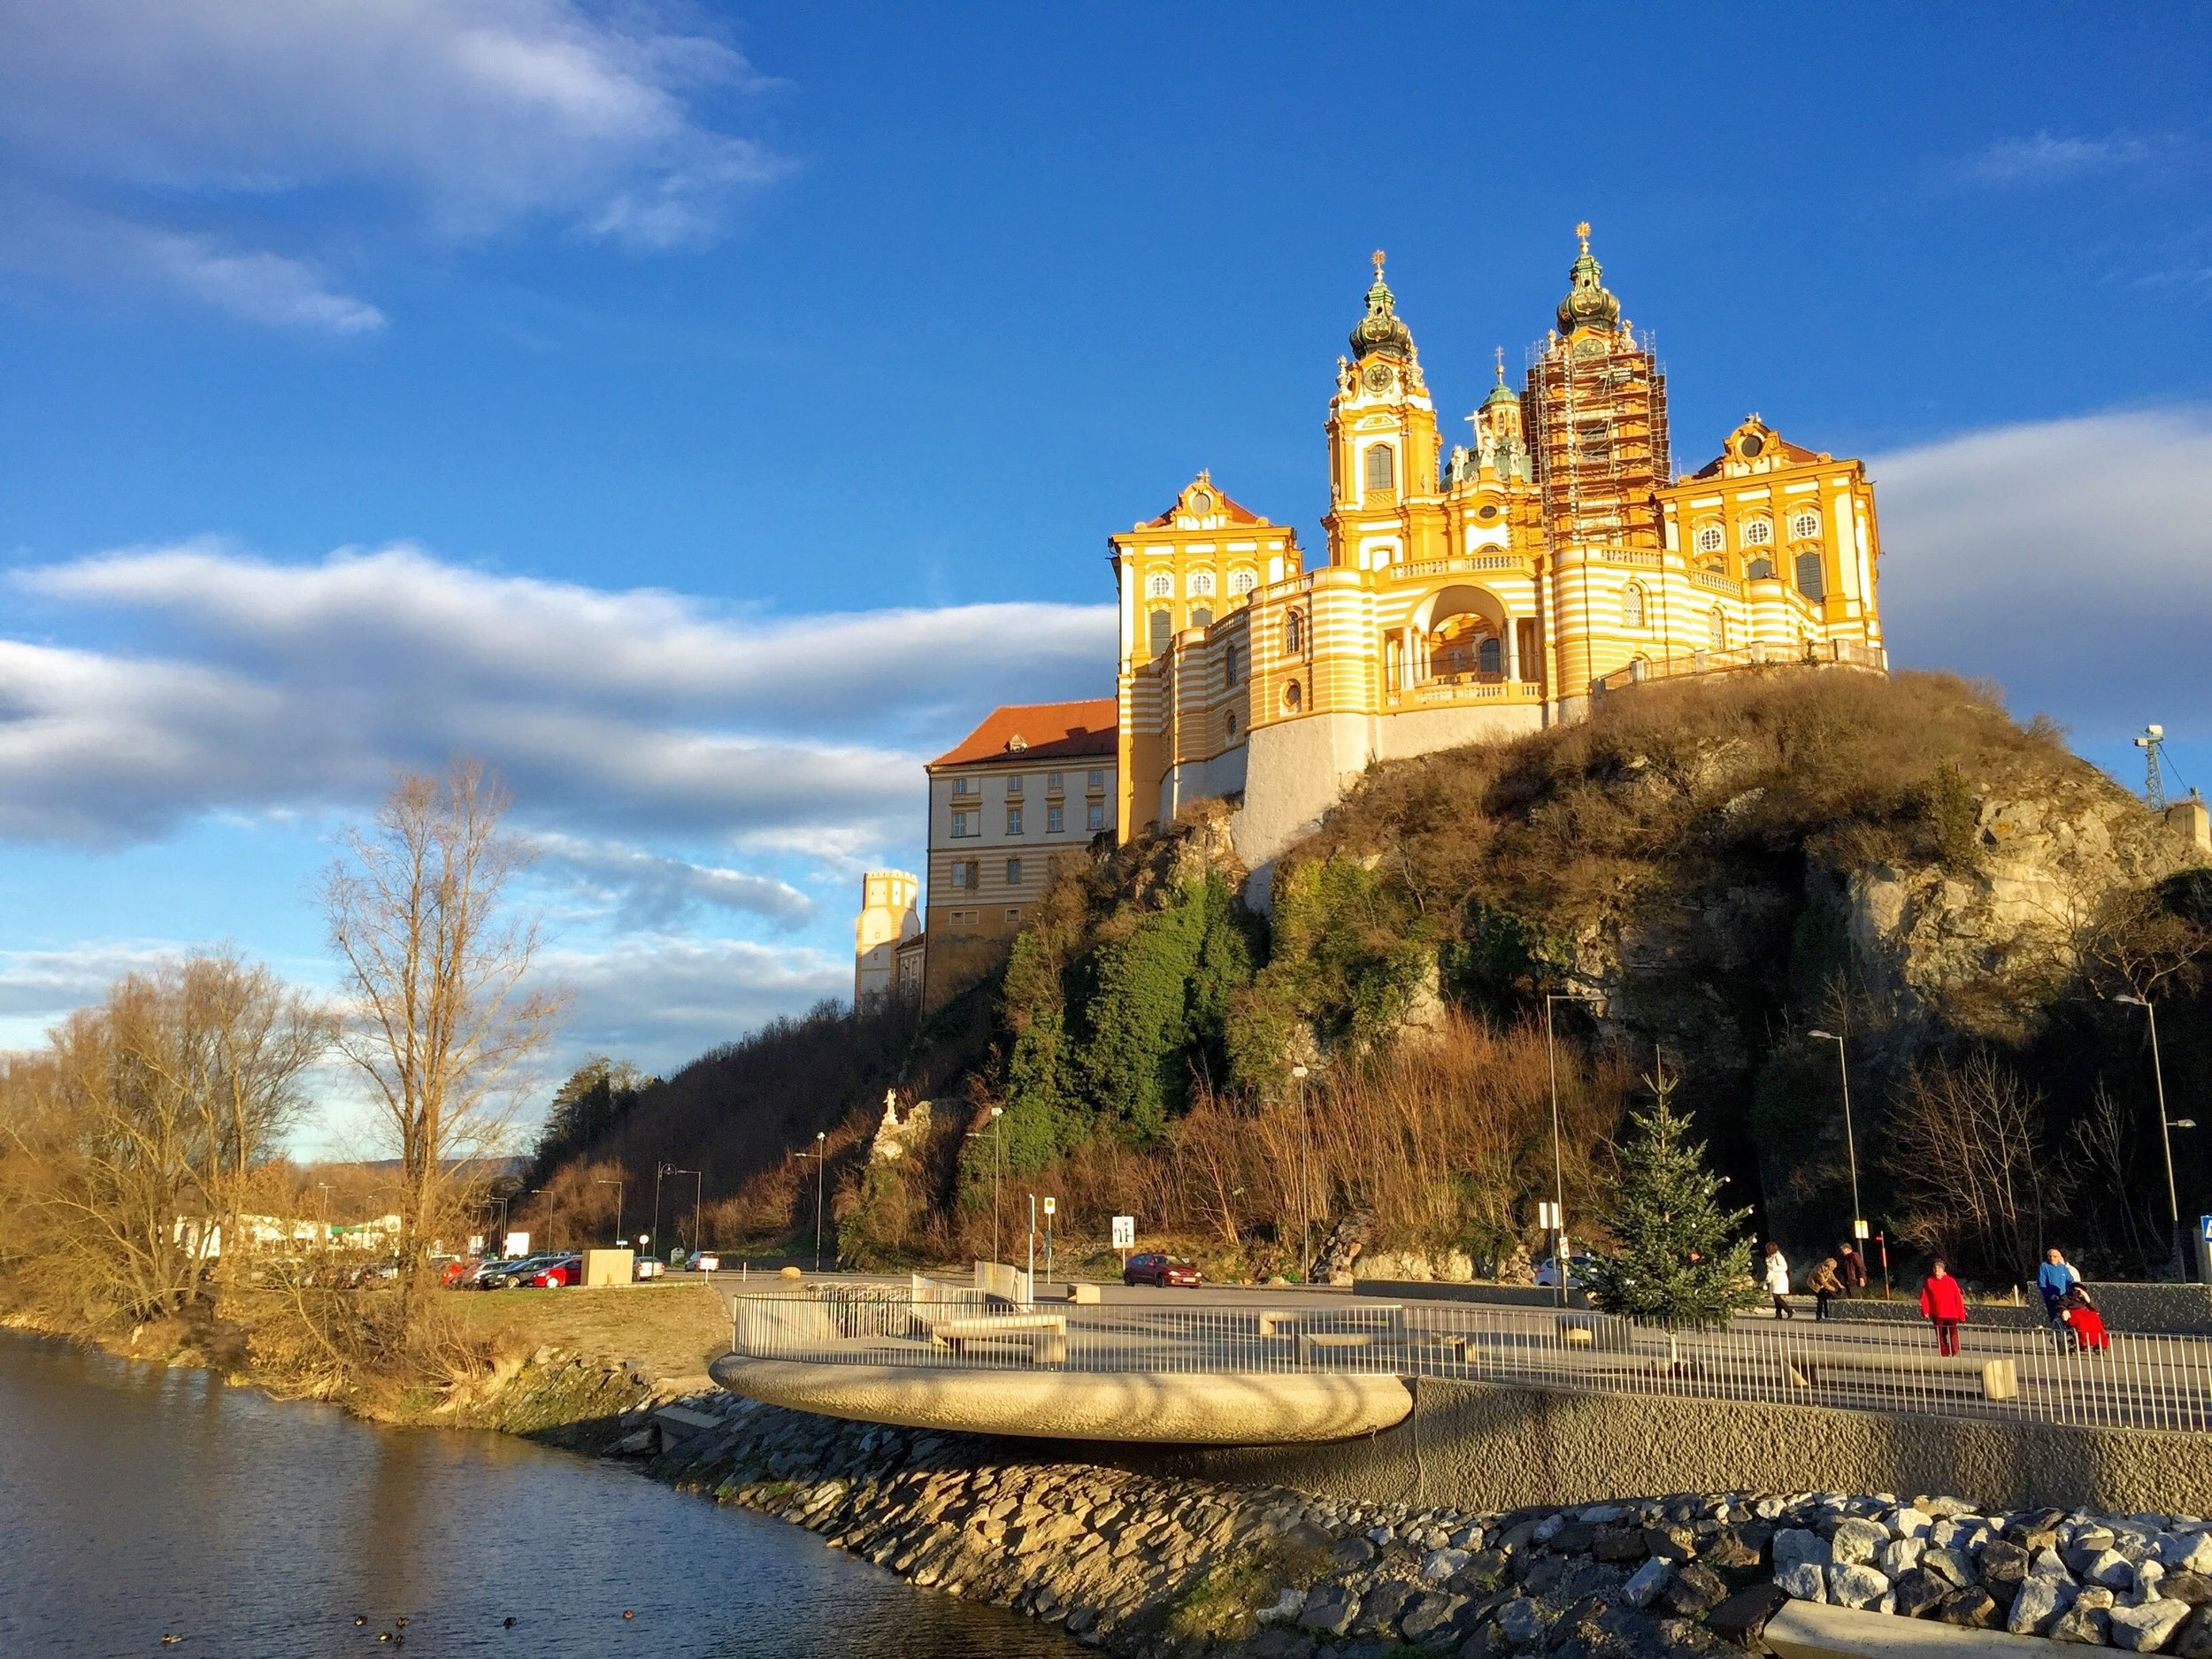 The stunning Melk Abbey // Melk, Austria